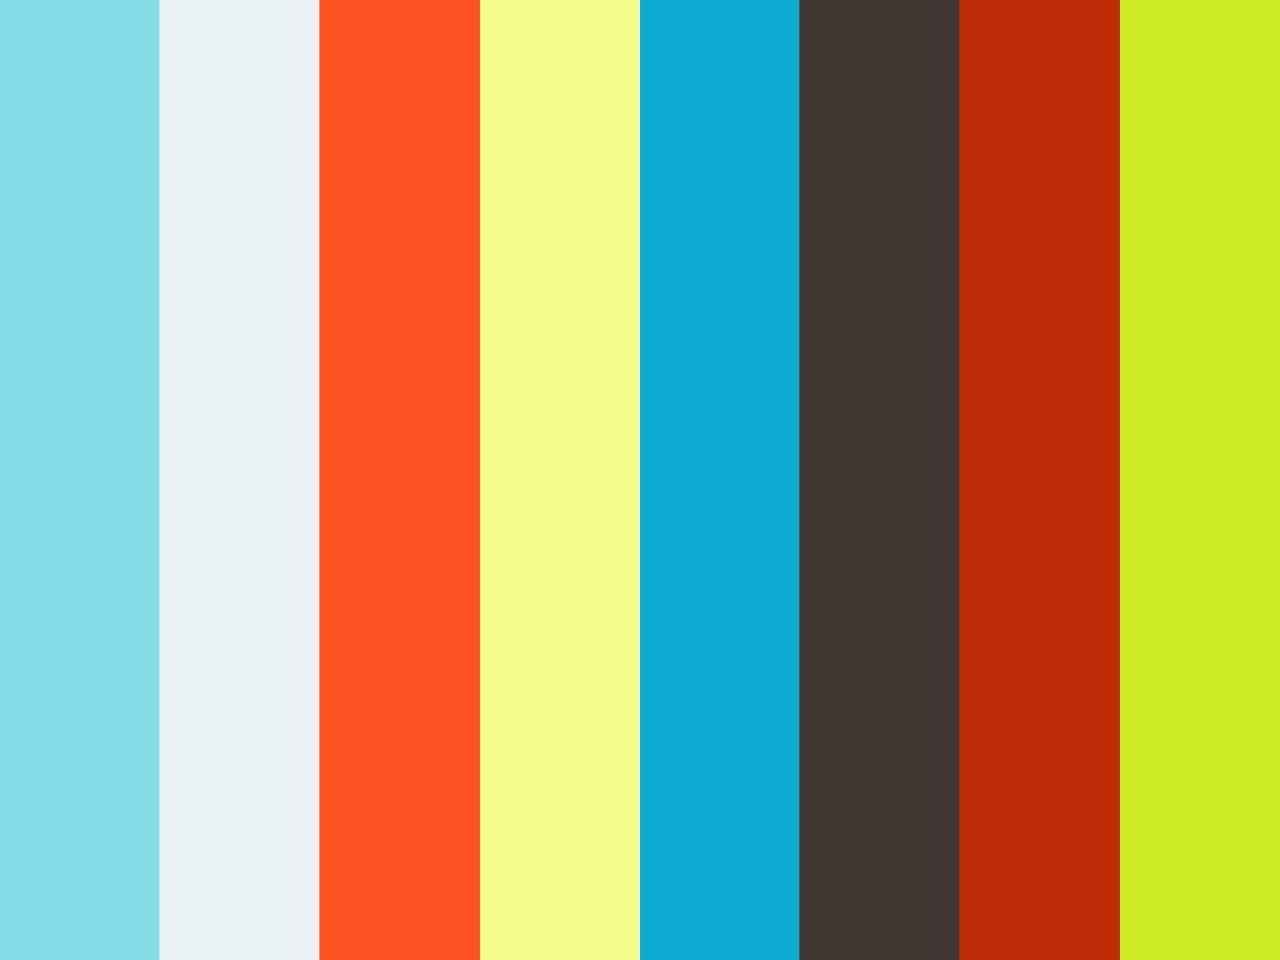 002912 - SNTV - Appartementen Sint-Niklase maatschappij